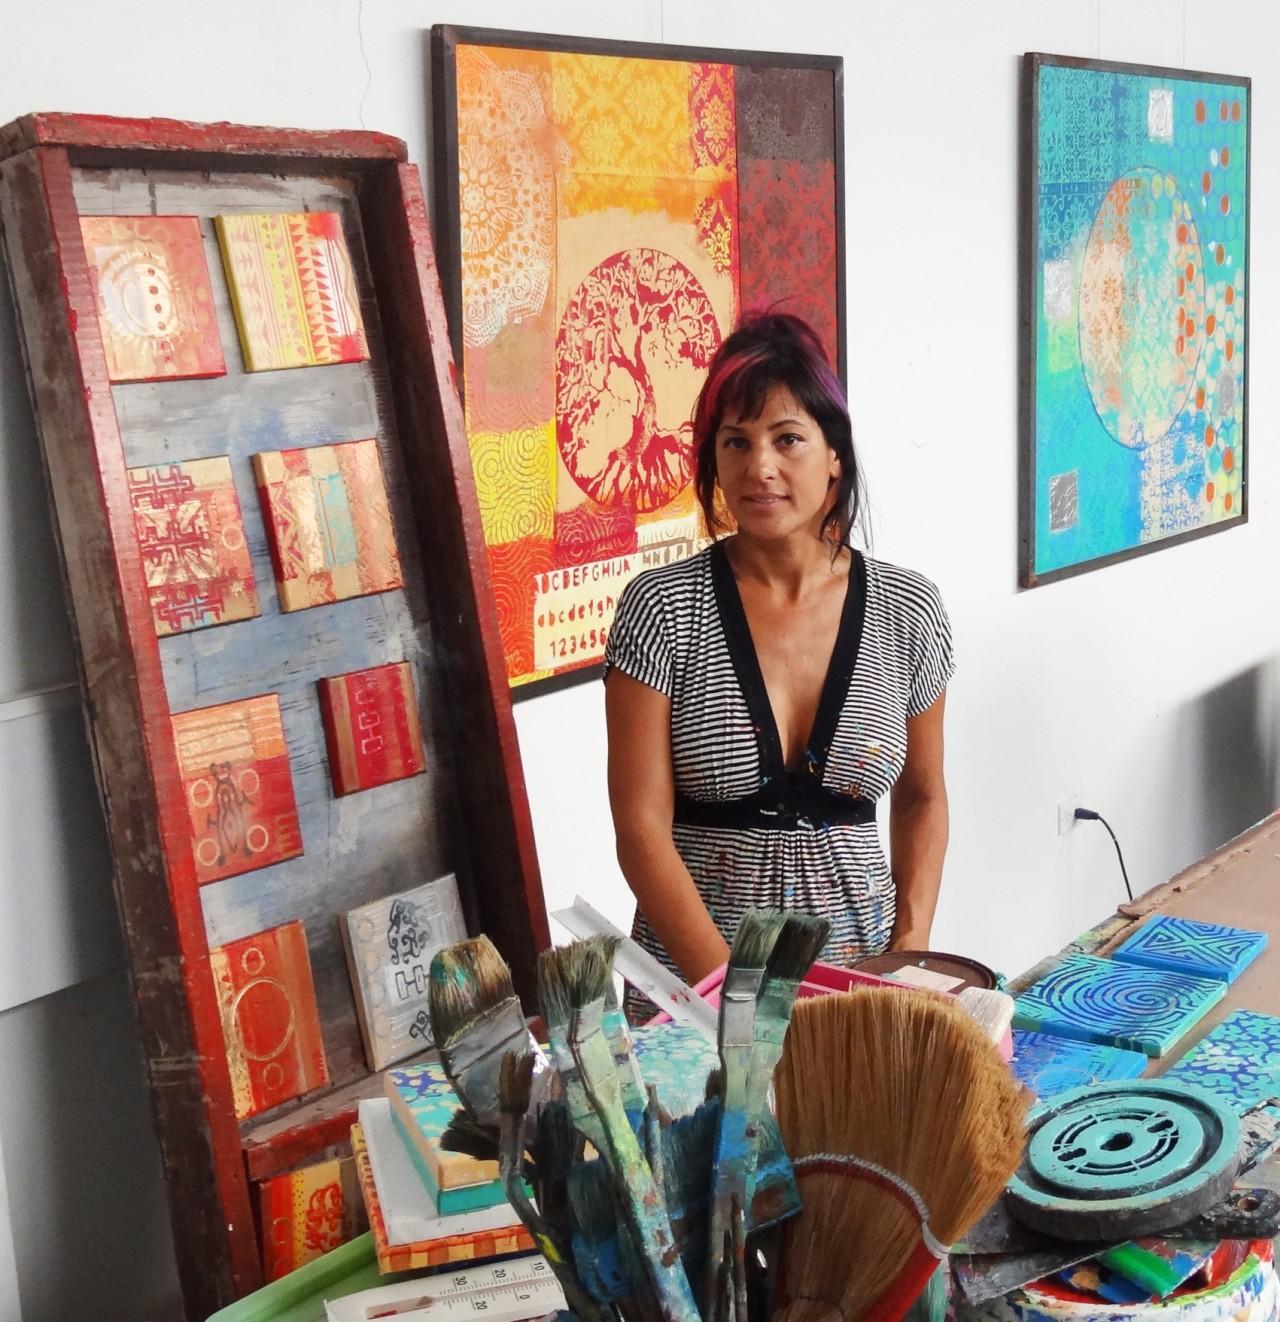 Artist Elisa Lejeuz